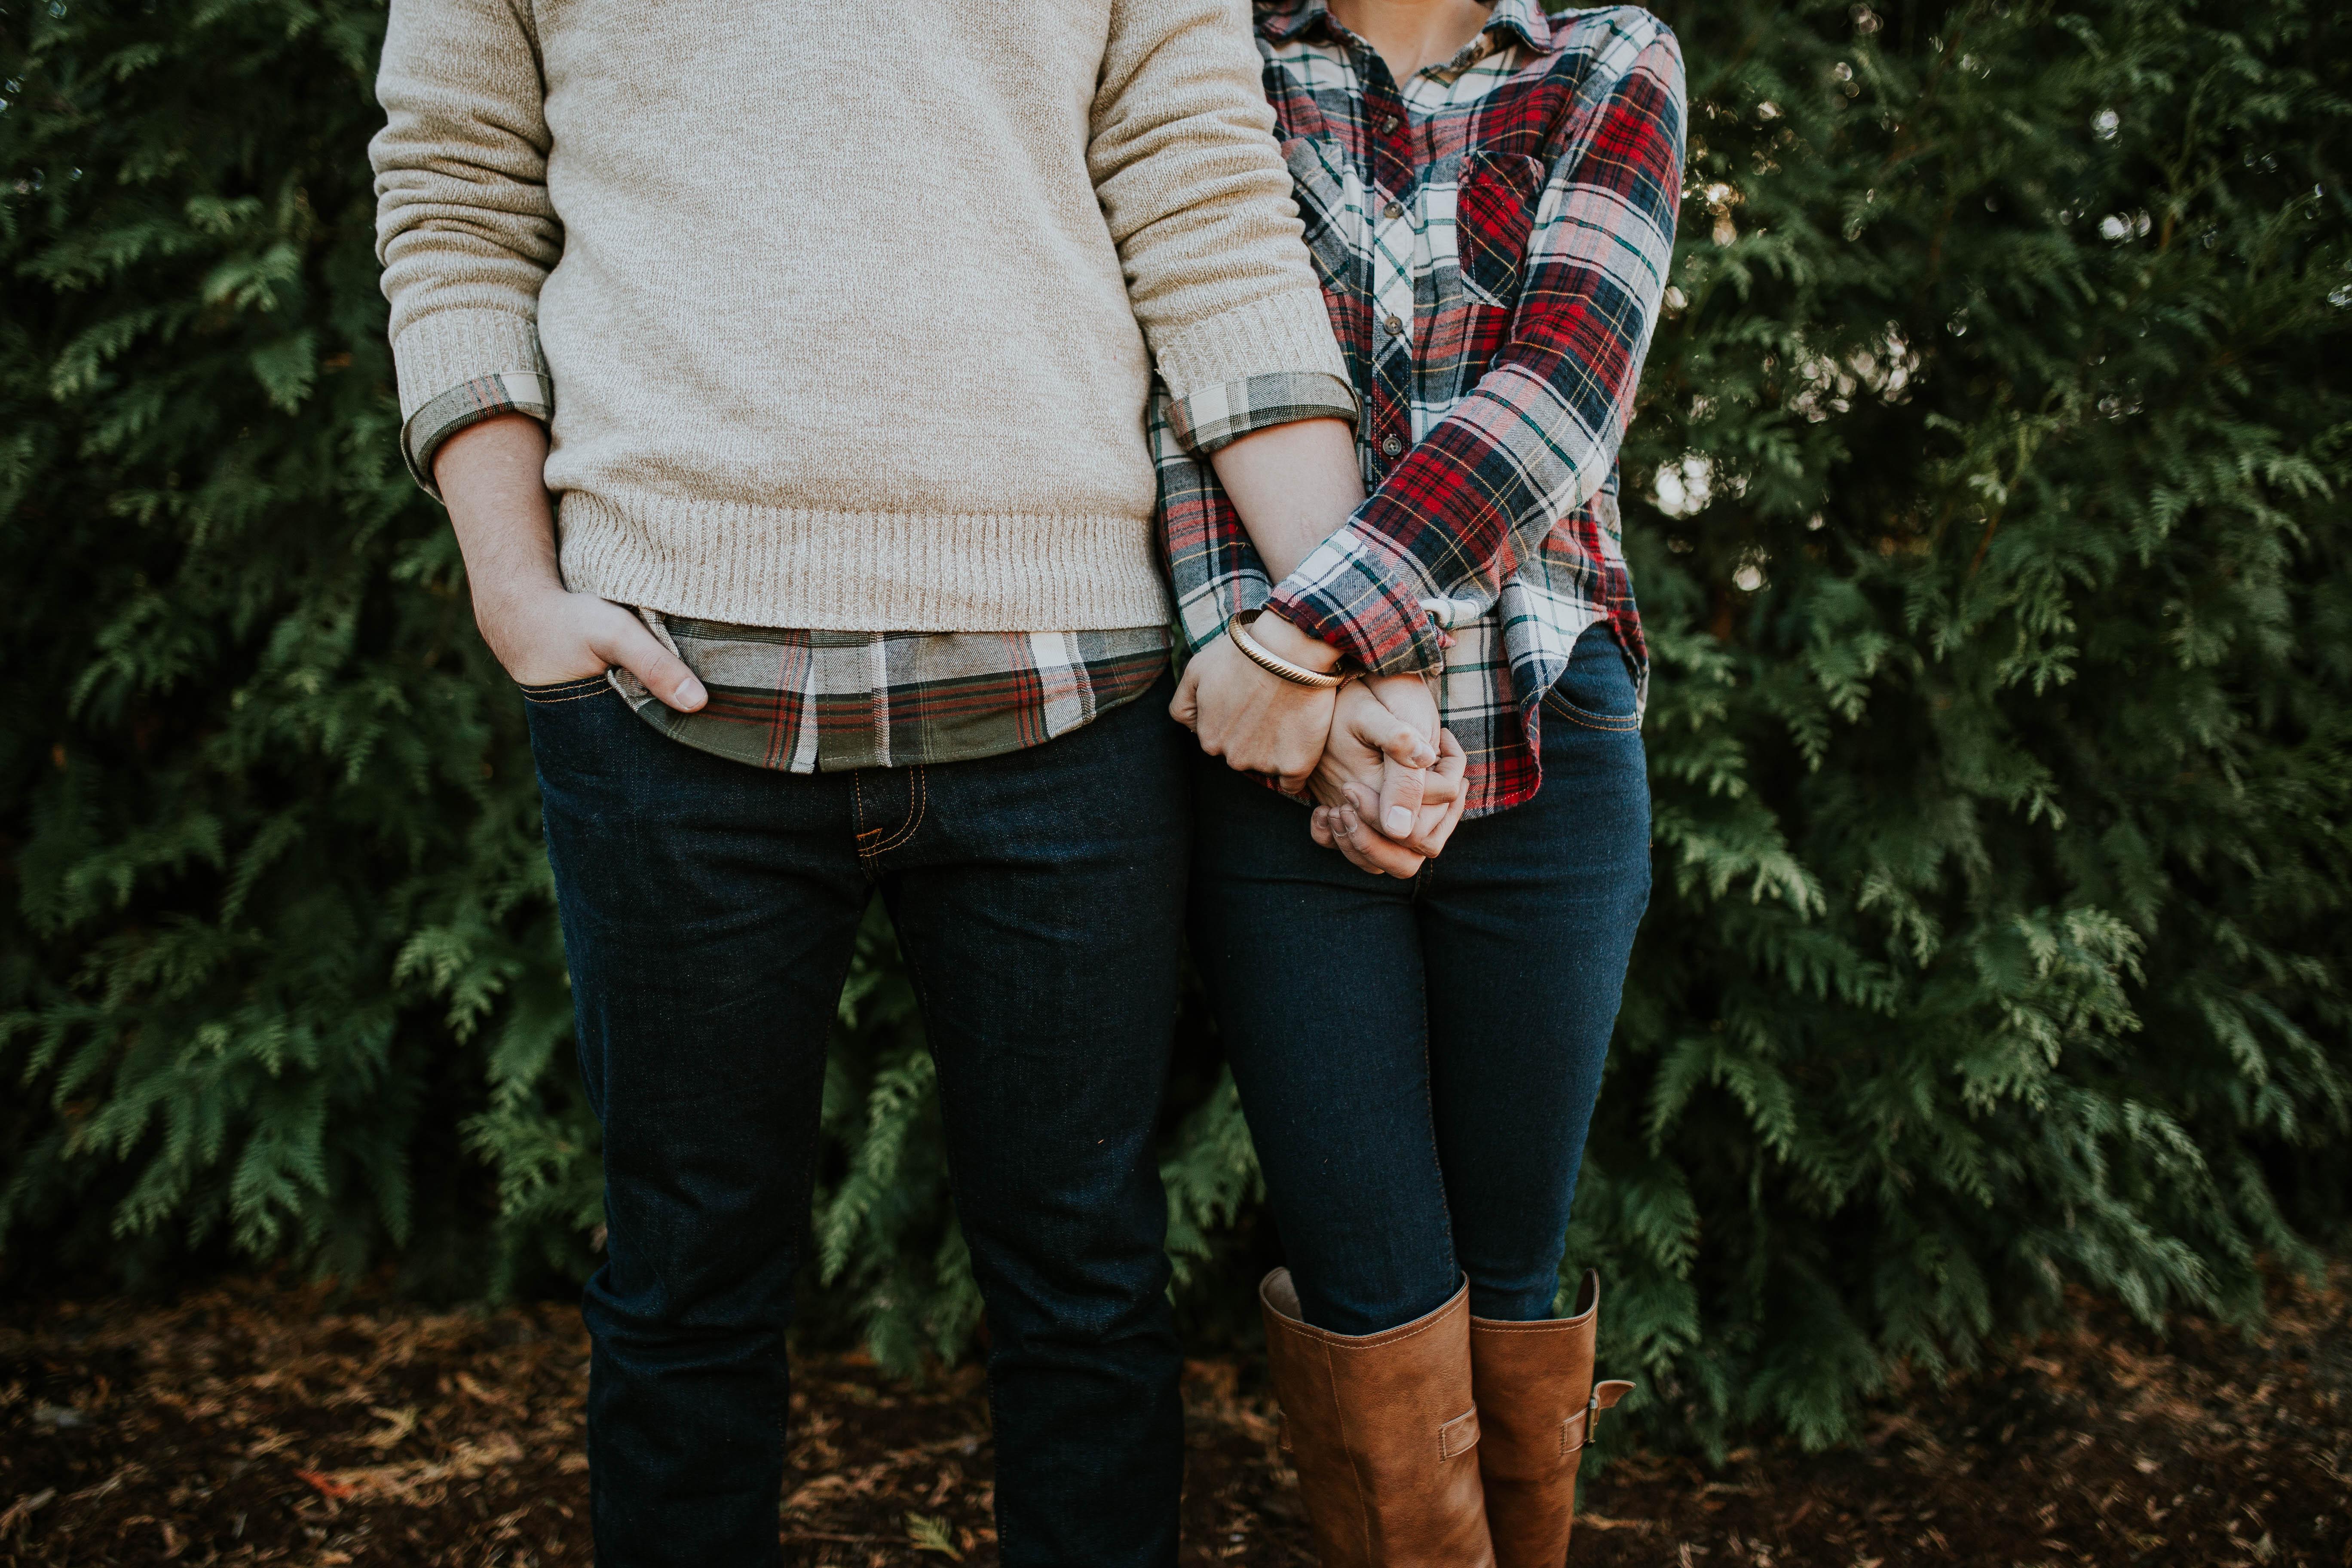 happy-love-relationships-method-tip-technique